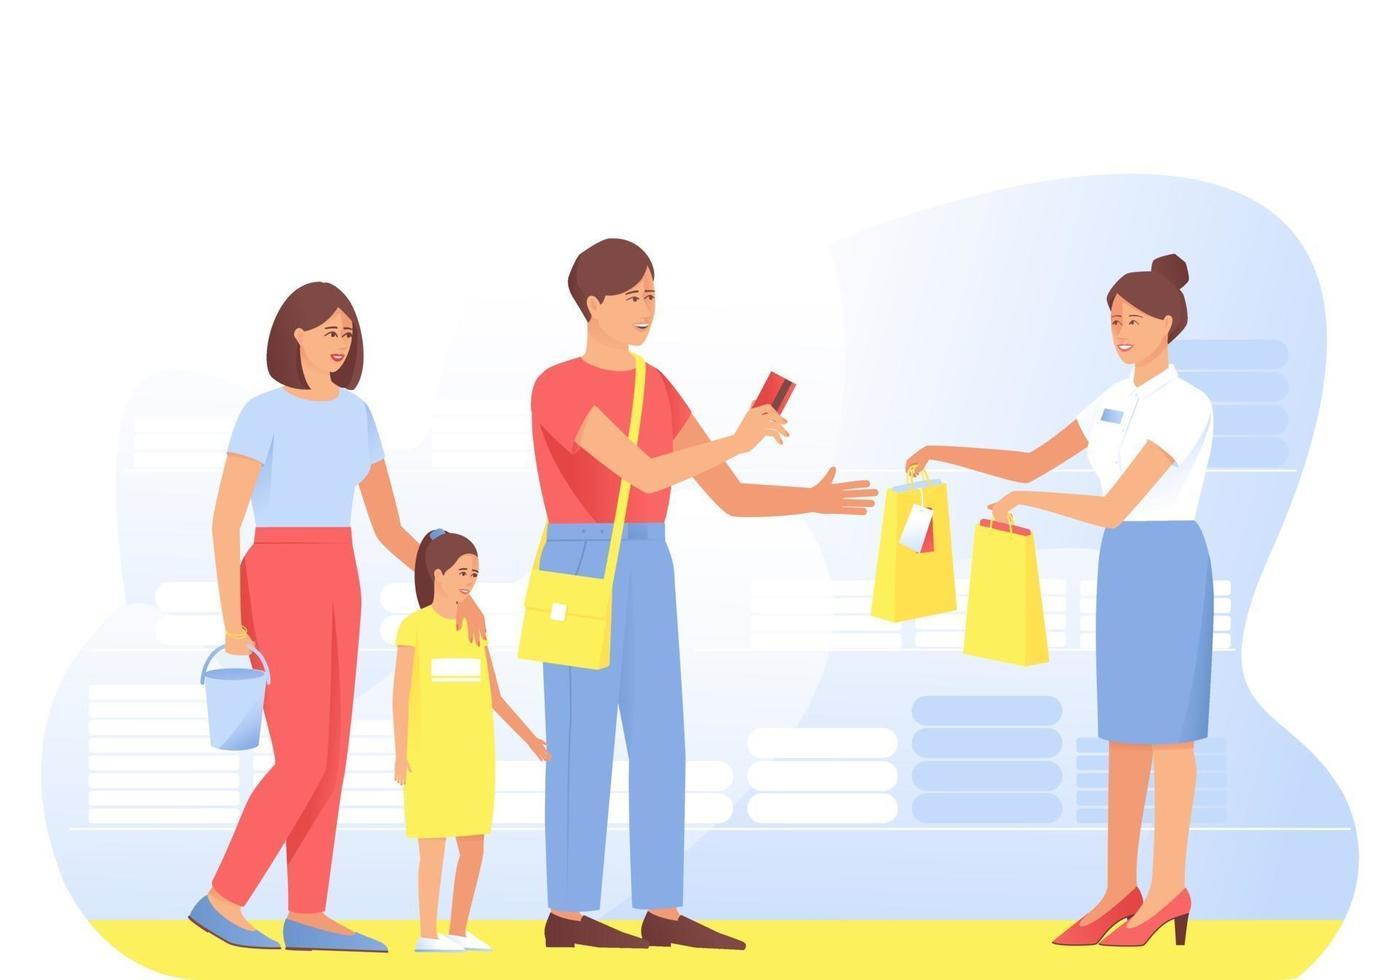 la famille fait des achats auprès du vendeur dans le magasin vecteur